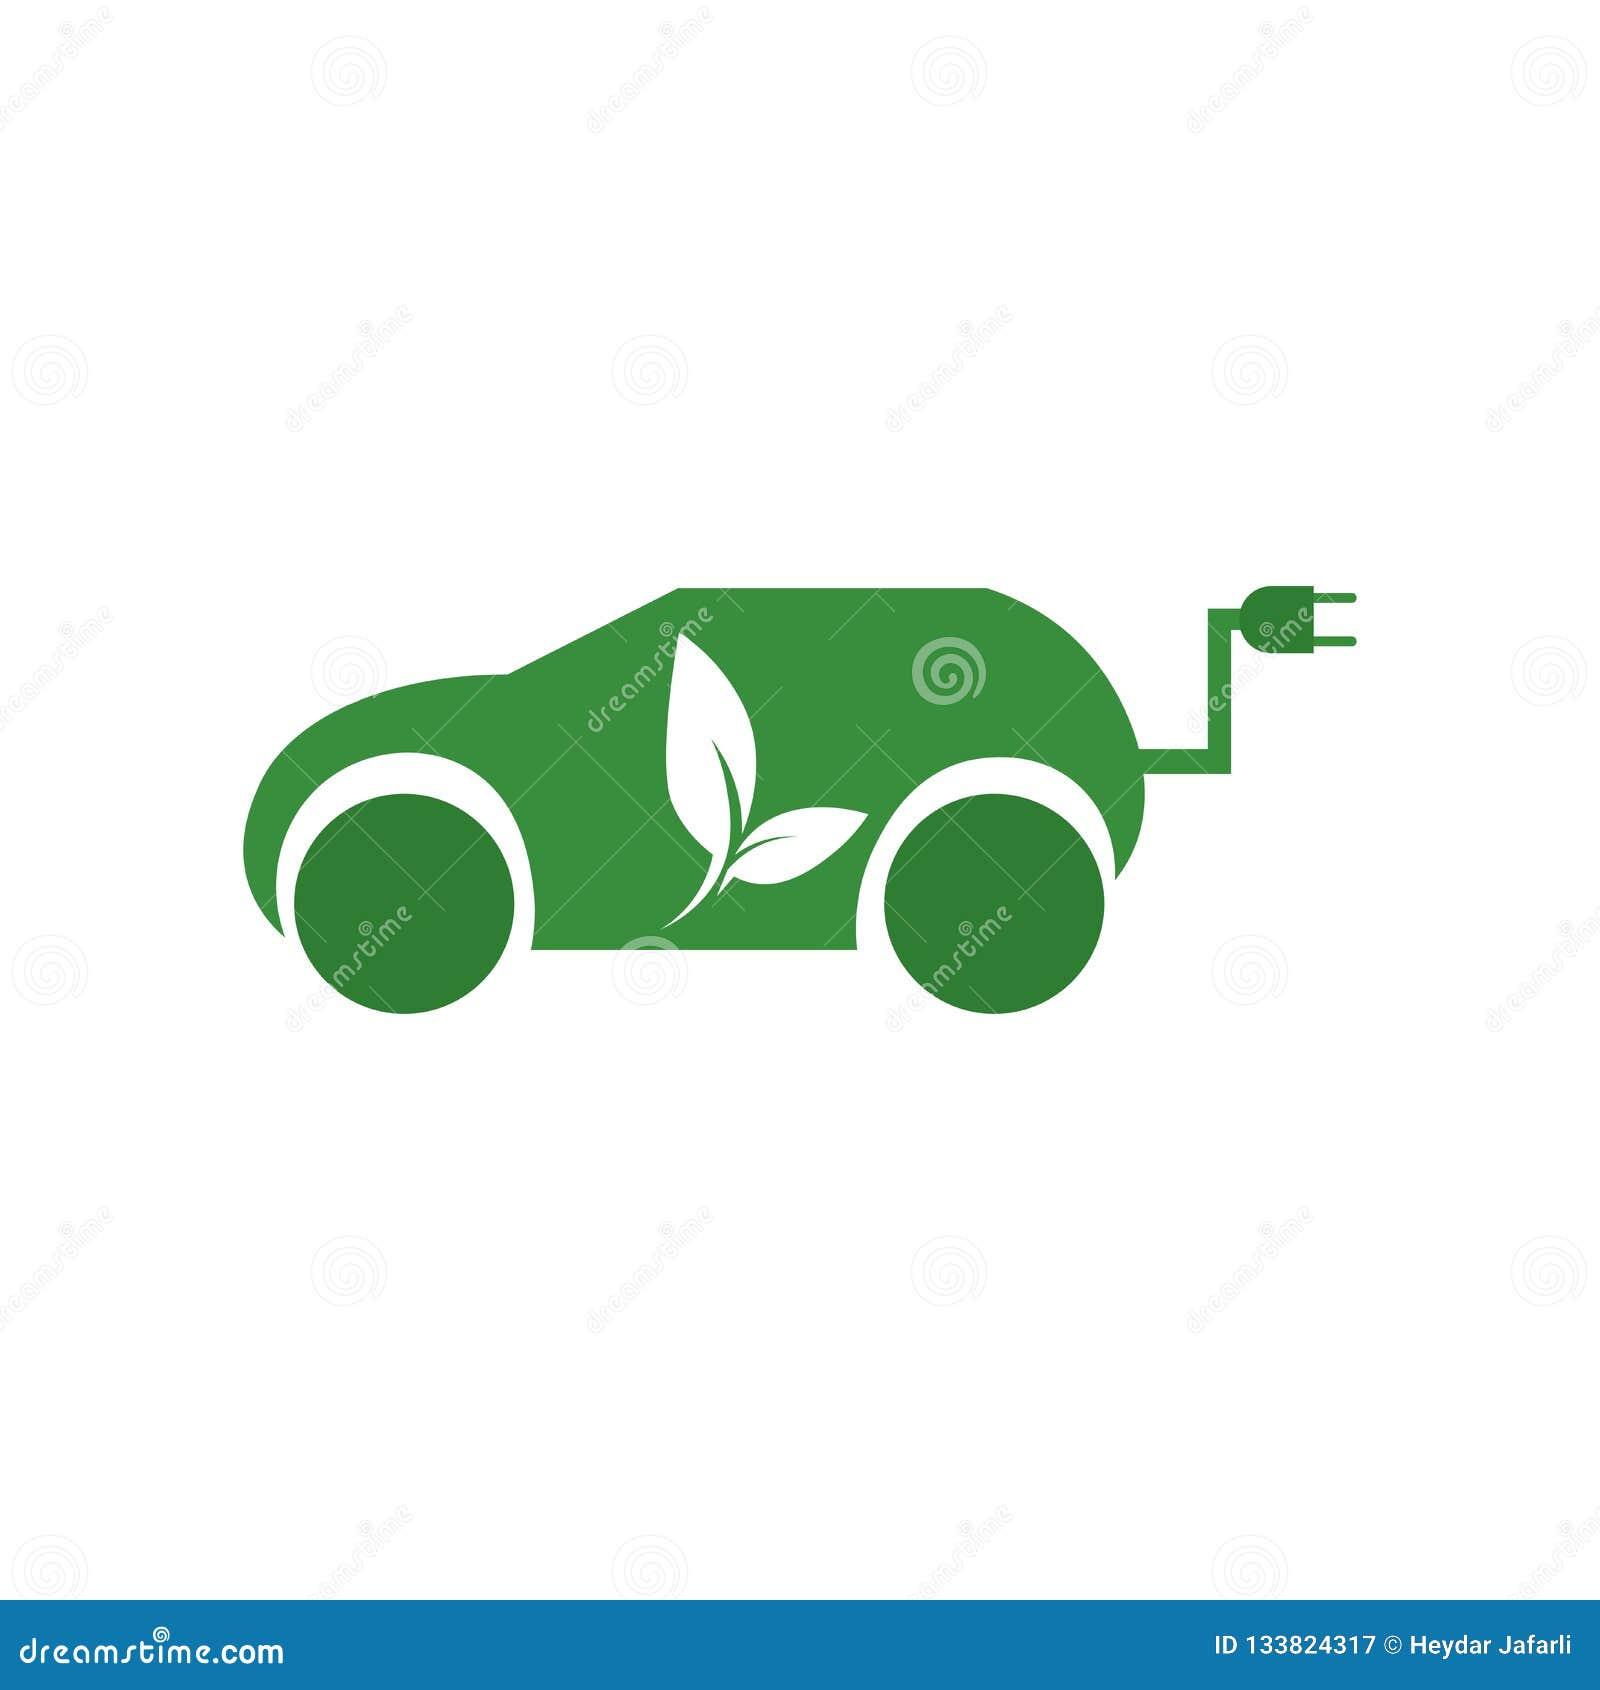 Υβριδικά σημάδι και σύμβολο εικονιδίων αυτοκινήτων διανυσματικά που απομονώνονται στο άσπρο υπόβαθρο, υβριδική έννοια λογότυπων α